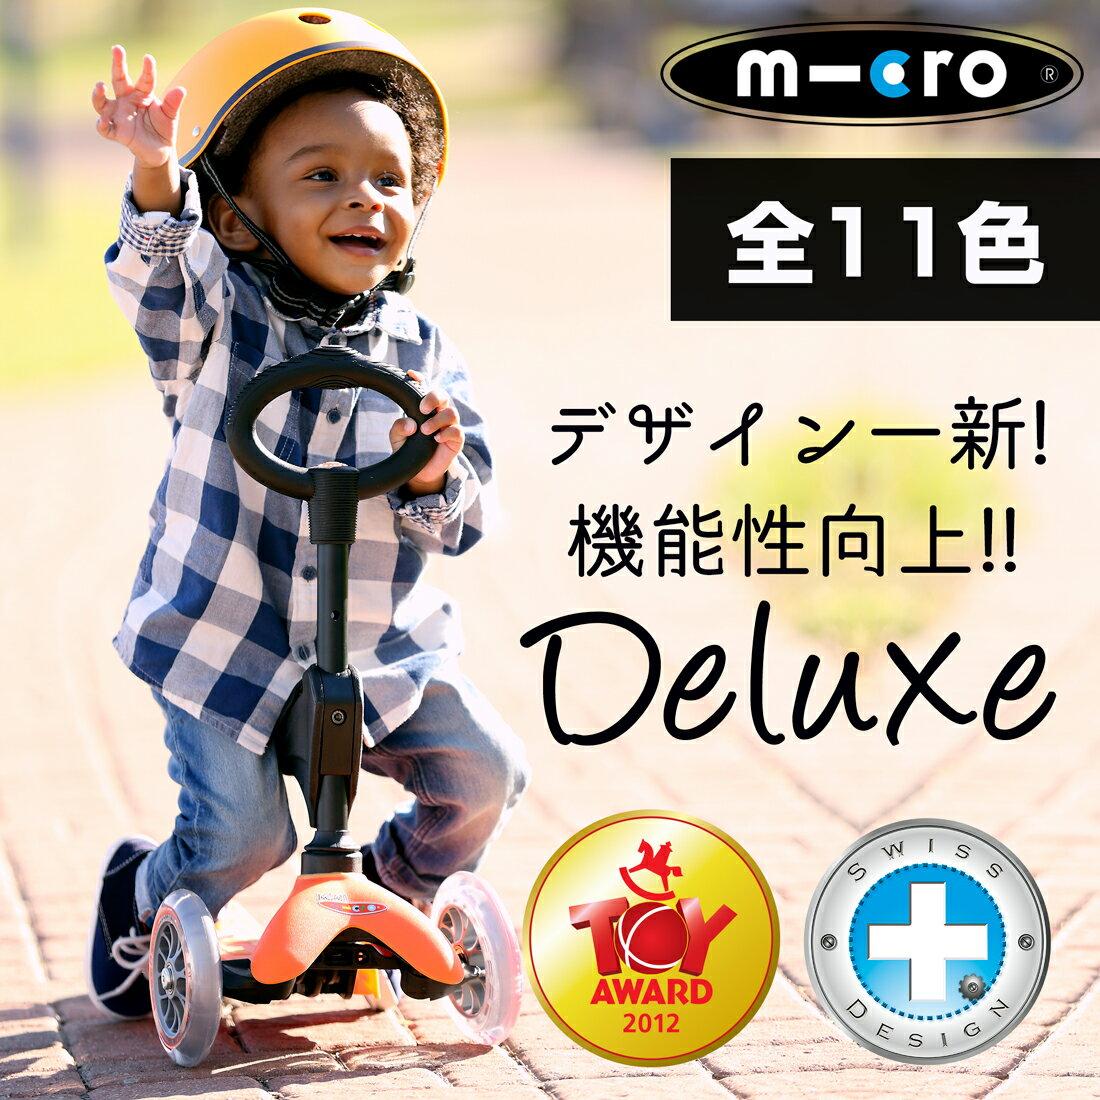 マイクロ・キックスリー・デラックス【乗物玩具】【キックボード】18ヶ月から5歳 スイスデザイン 送料無料 正規品 メーカー2年保証 キックボード キックスクーター 子供の成長に合わせて3つのステップで遊べる!